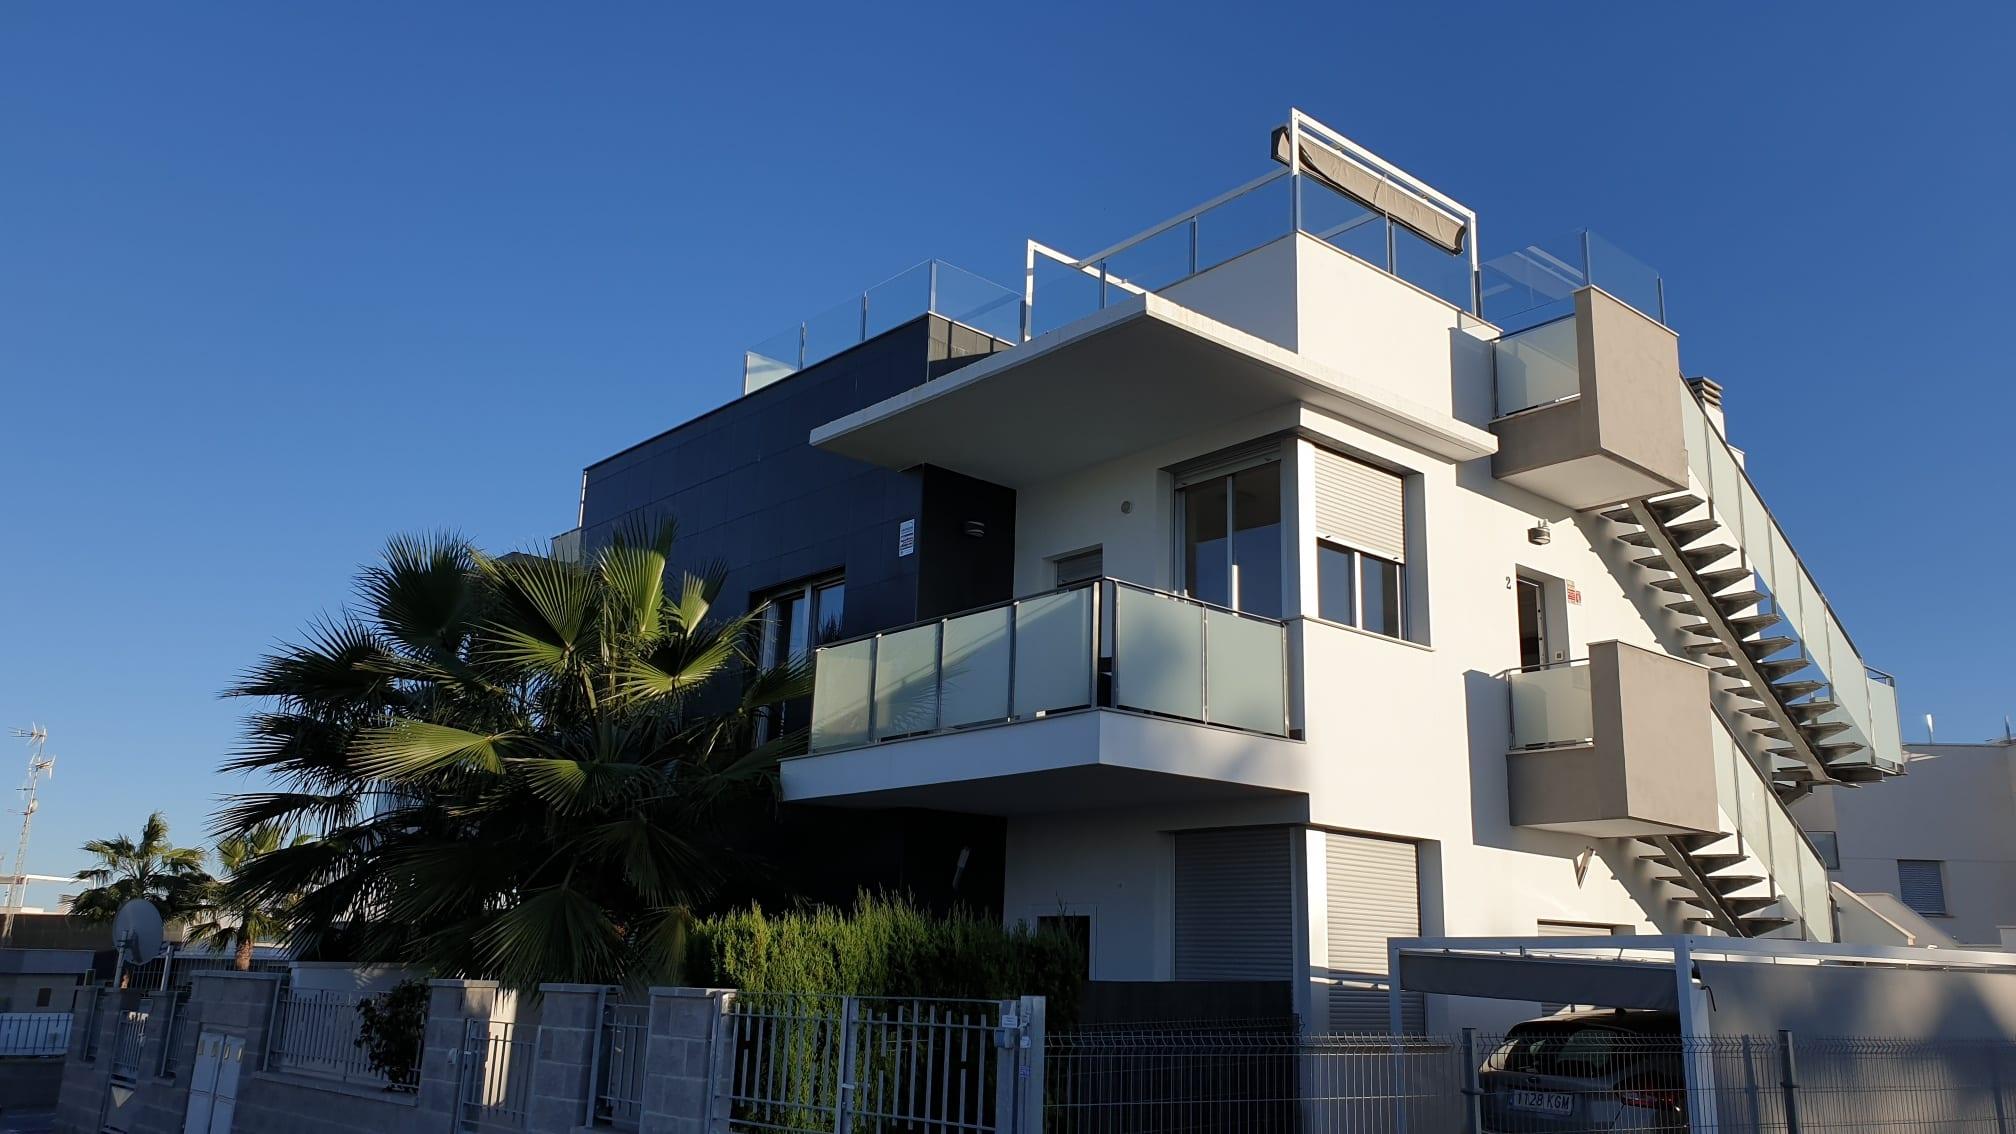 Flott leilighet med stor takterrasse. Ny pris juni 2021!